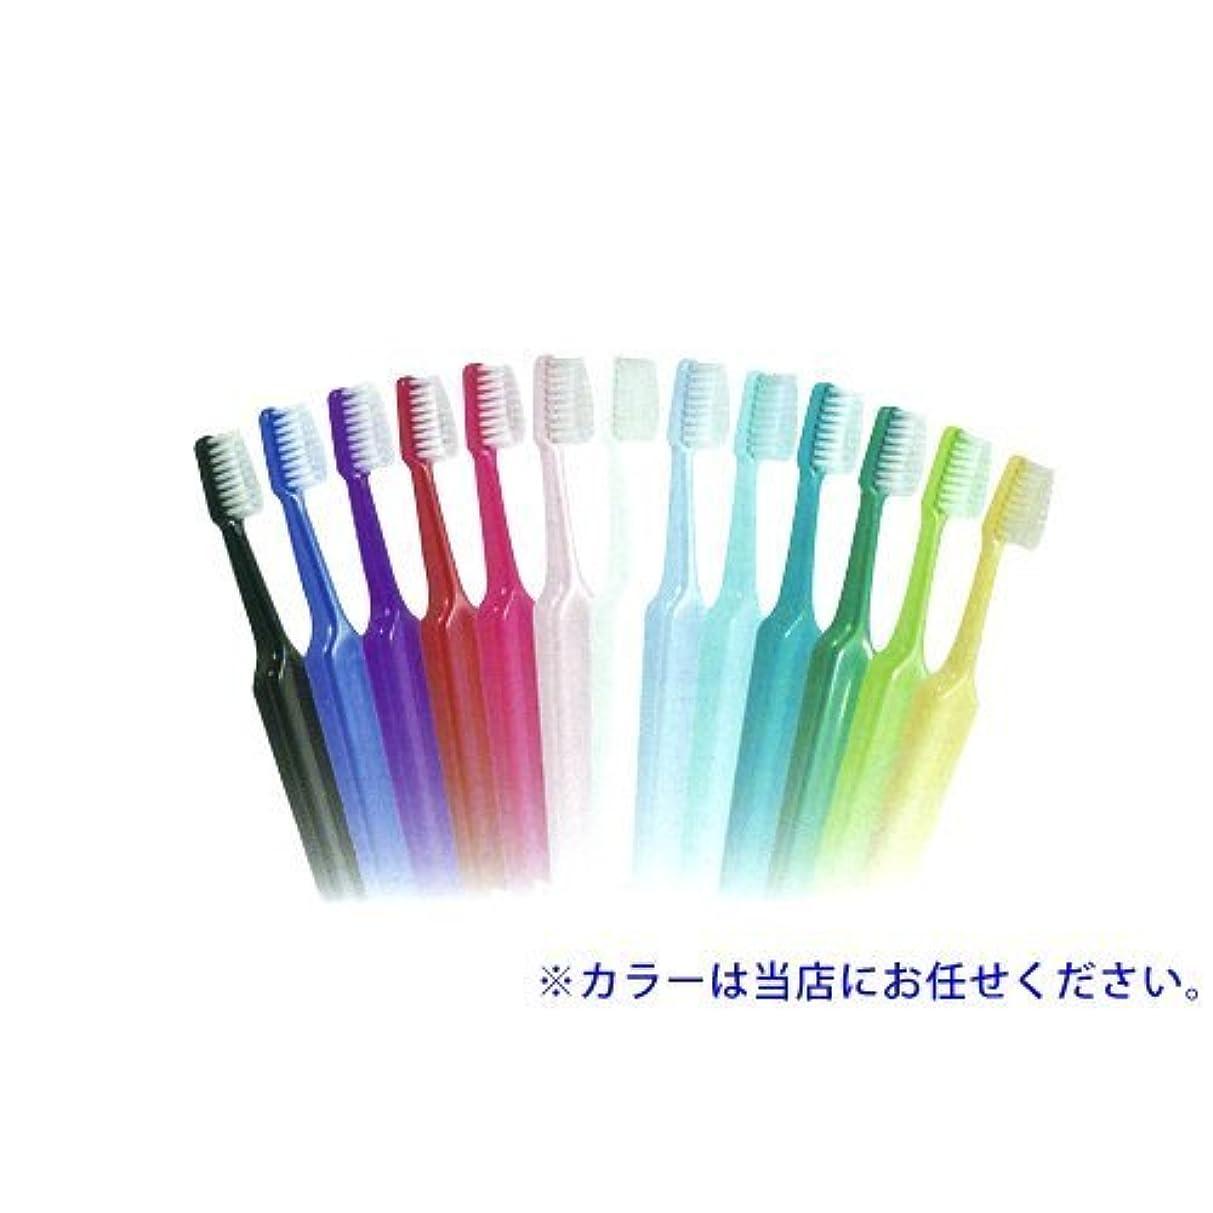 キノコ出撃者ブランクTepe歯ブラシ セレクトミニ/エクストラソフト 25本/箱